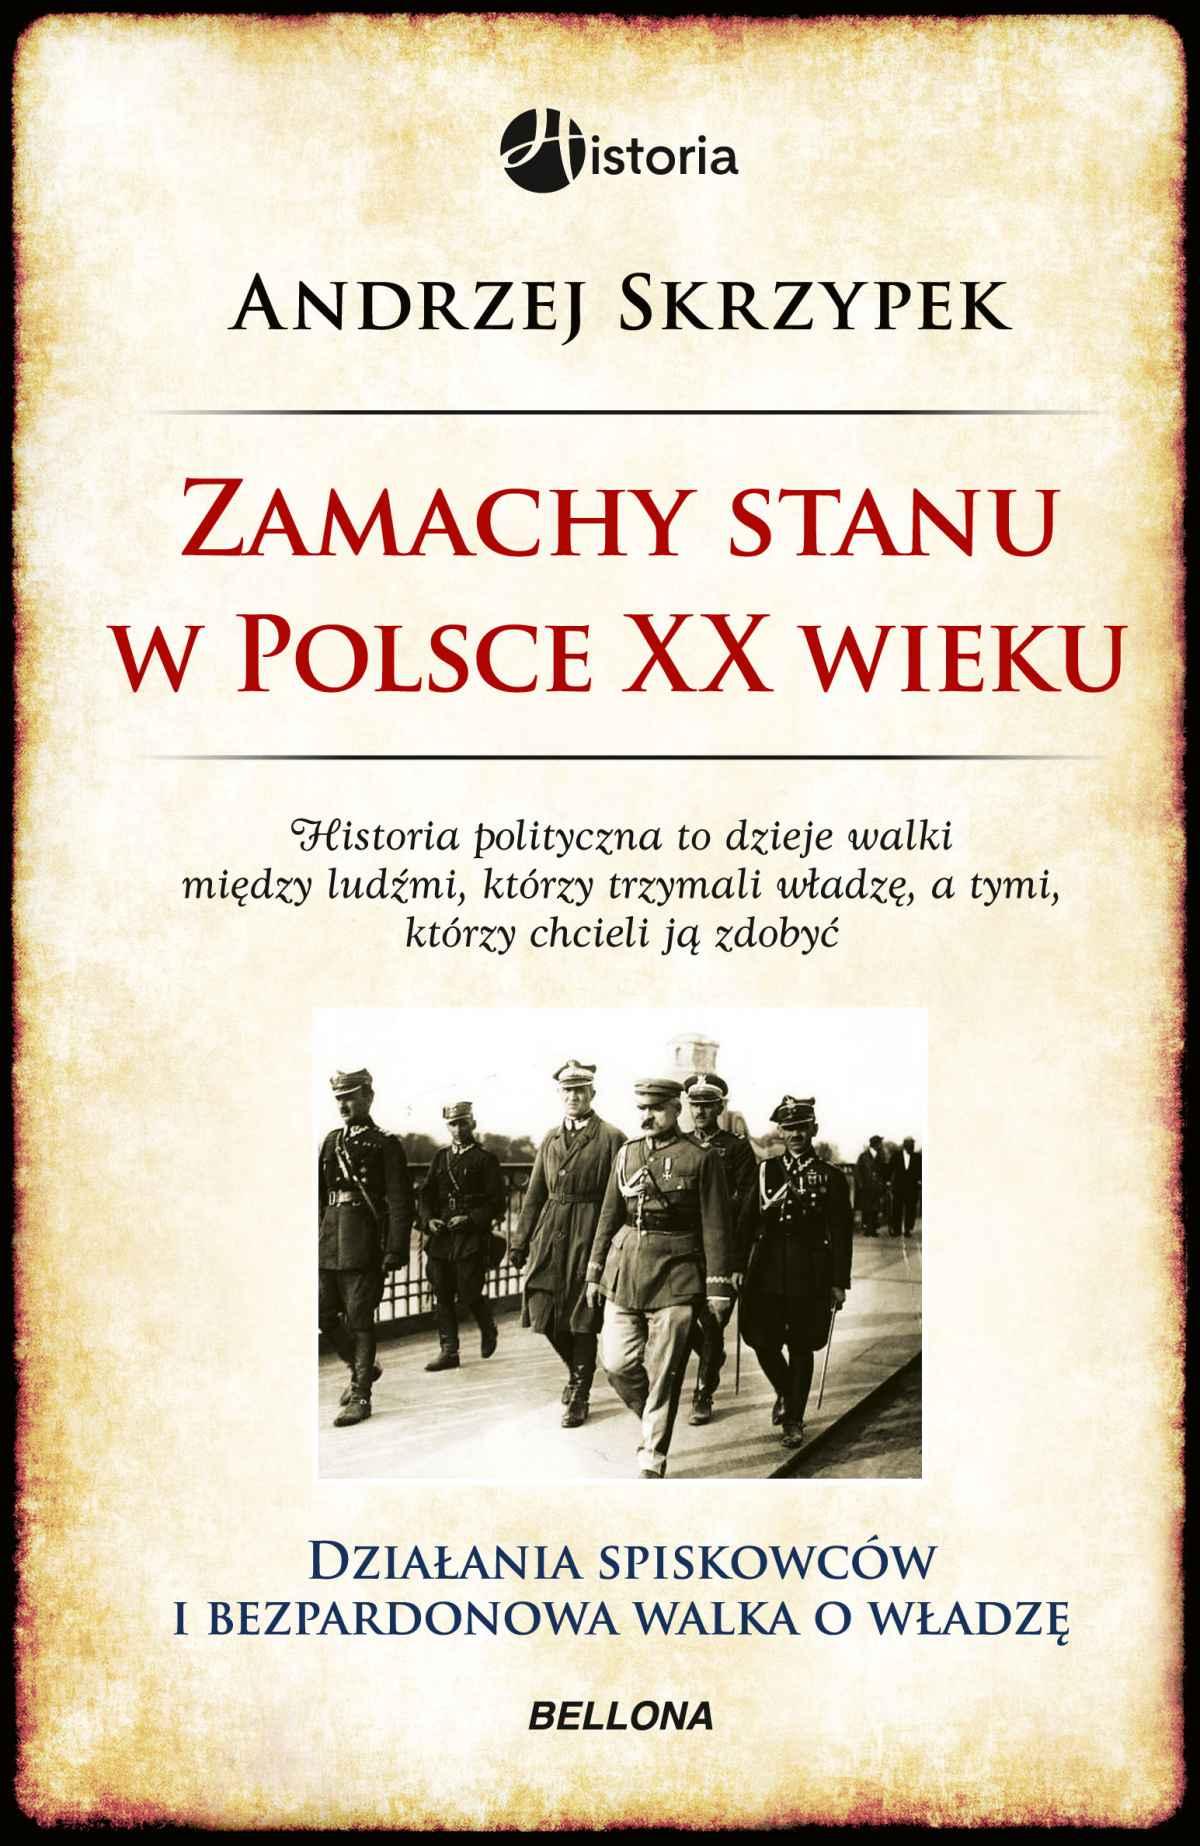 Zamachy stanu w Polsce w XX wieku - Ebook (Książka EPUB) do pobrania w formacie EPUB